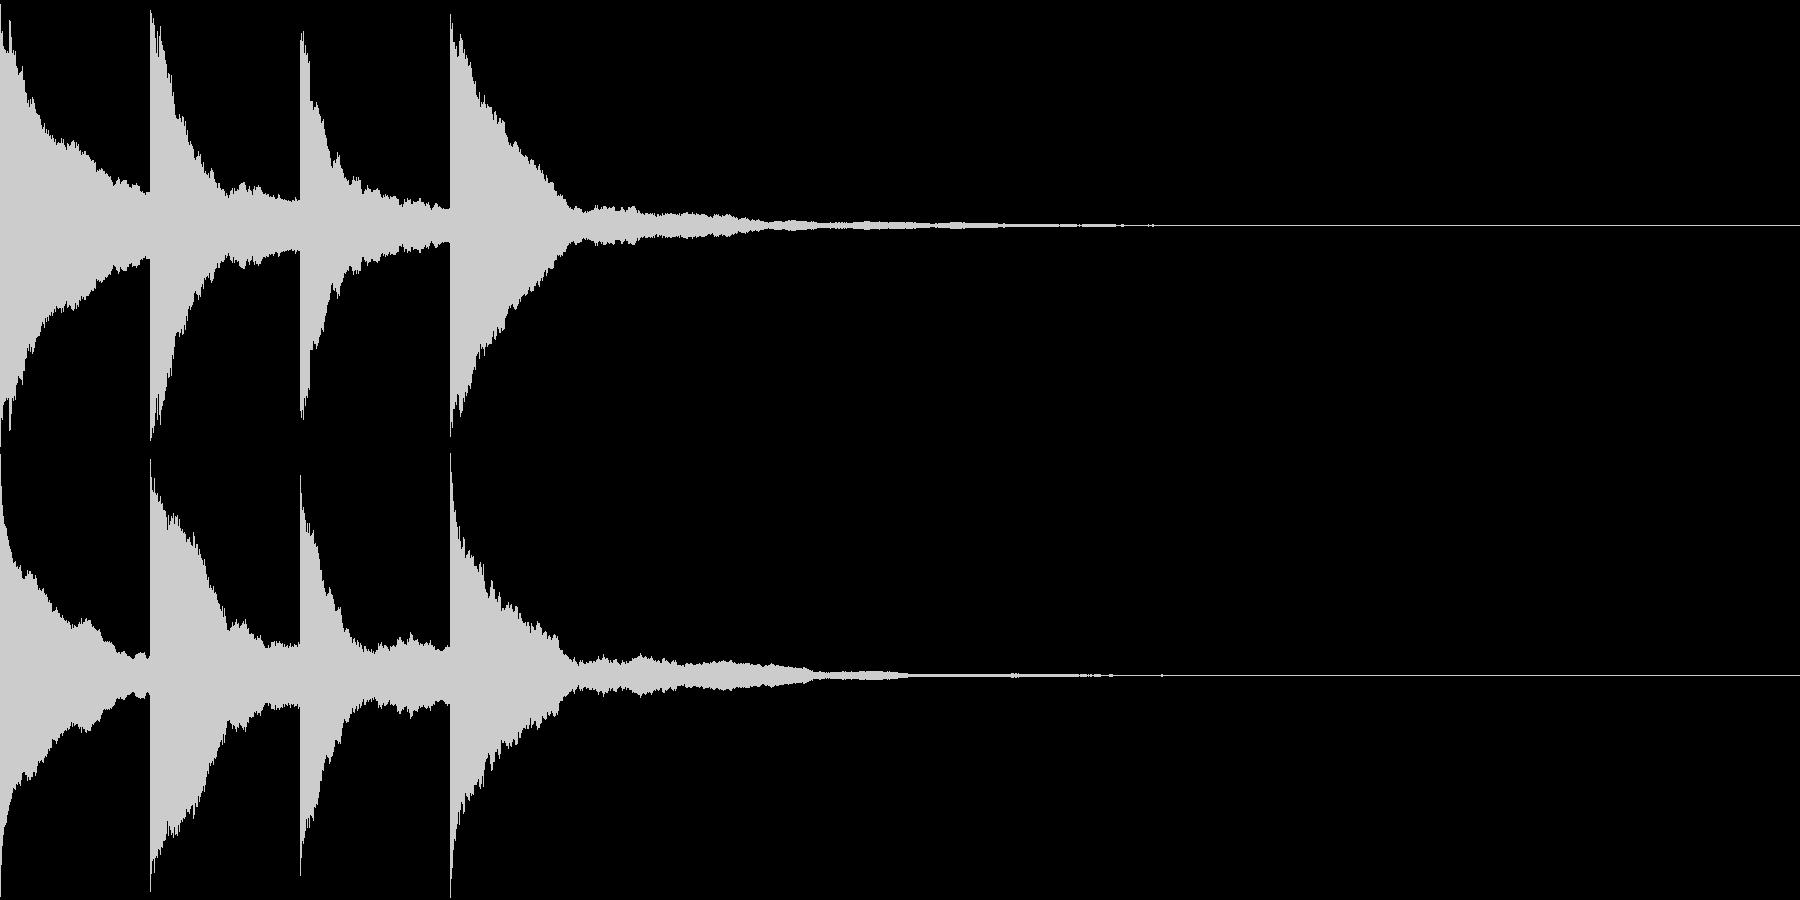 アナウンスの開始音 の未再生の波形